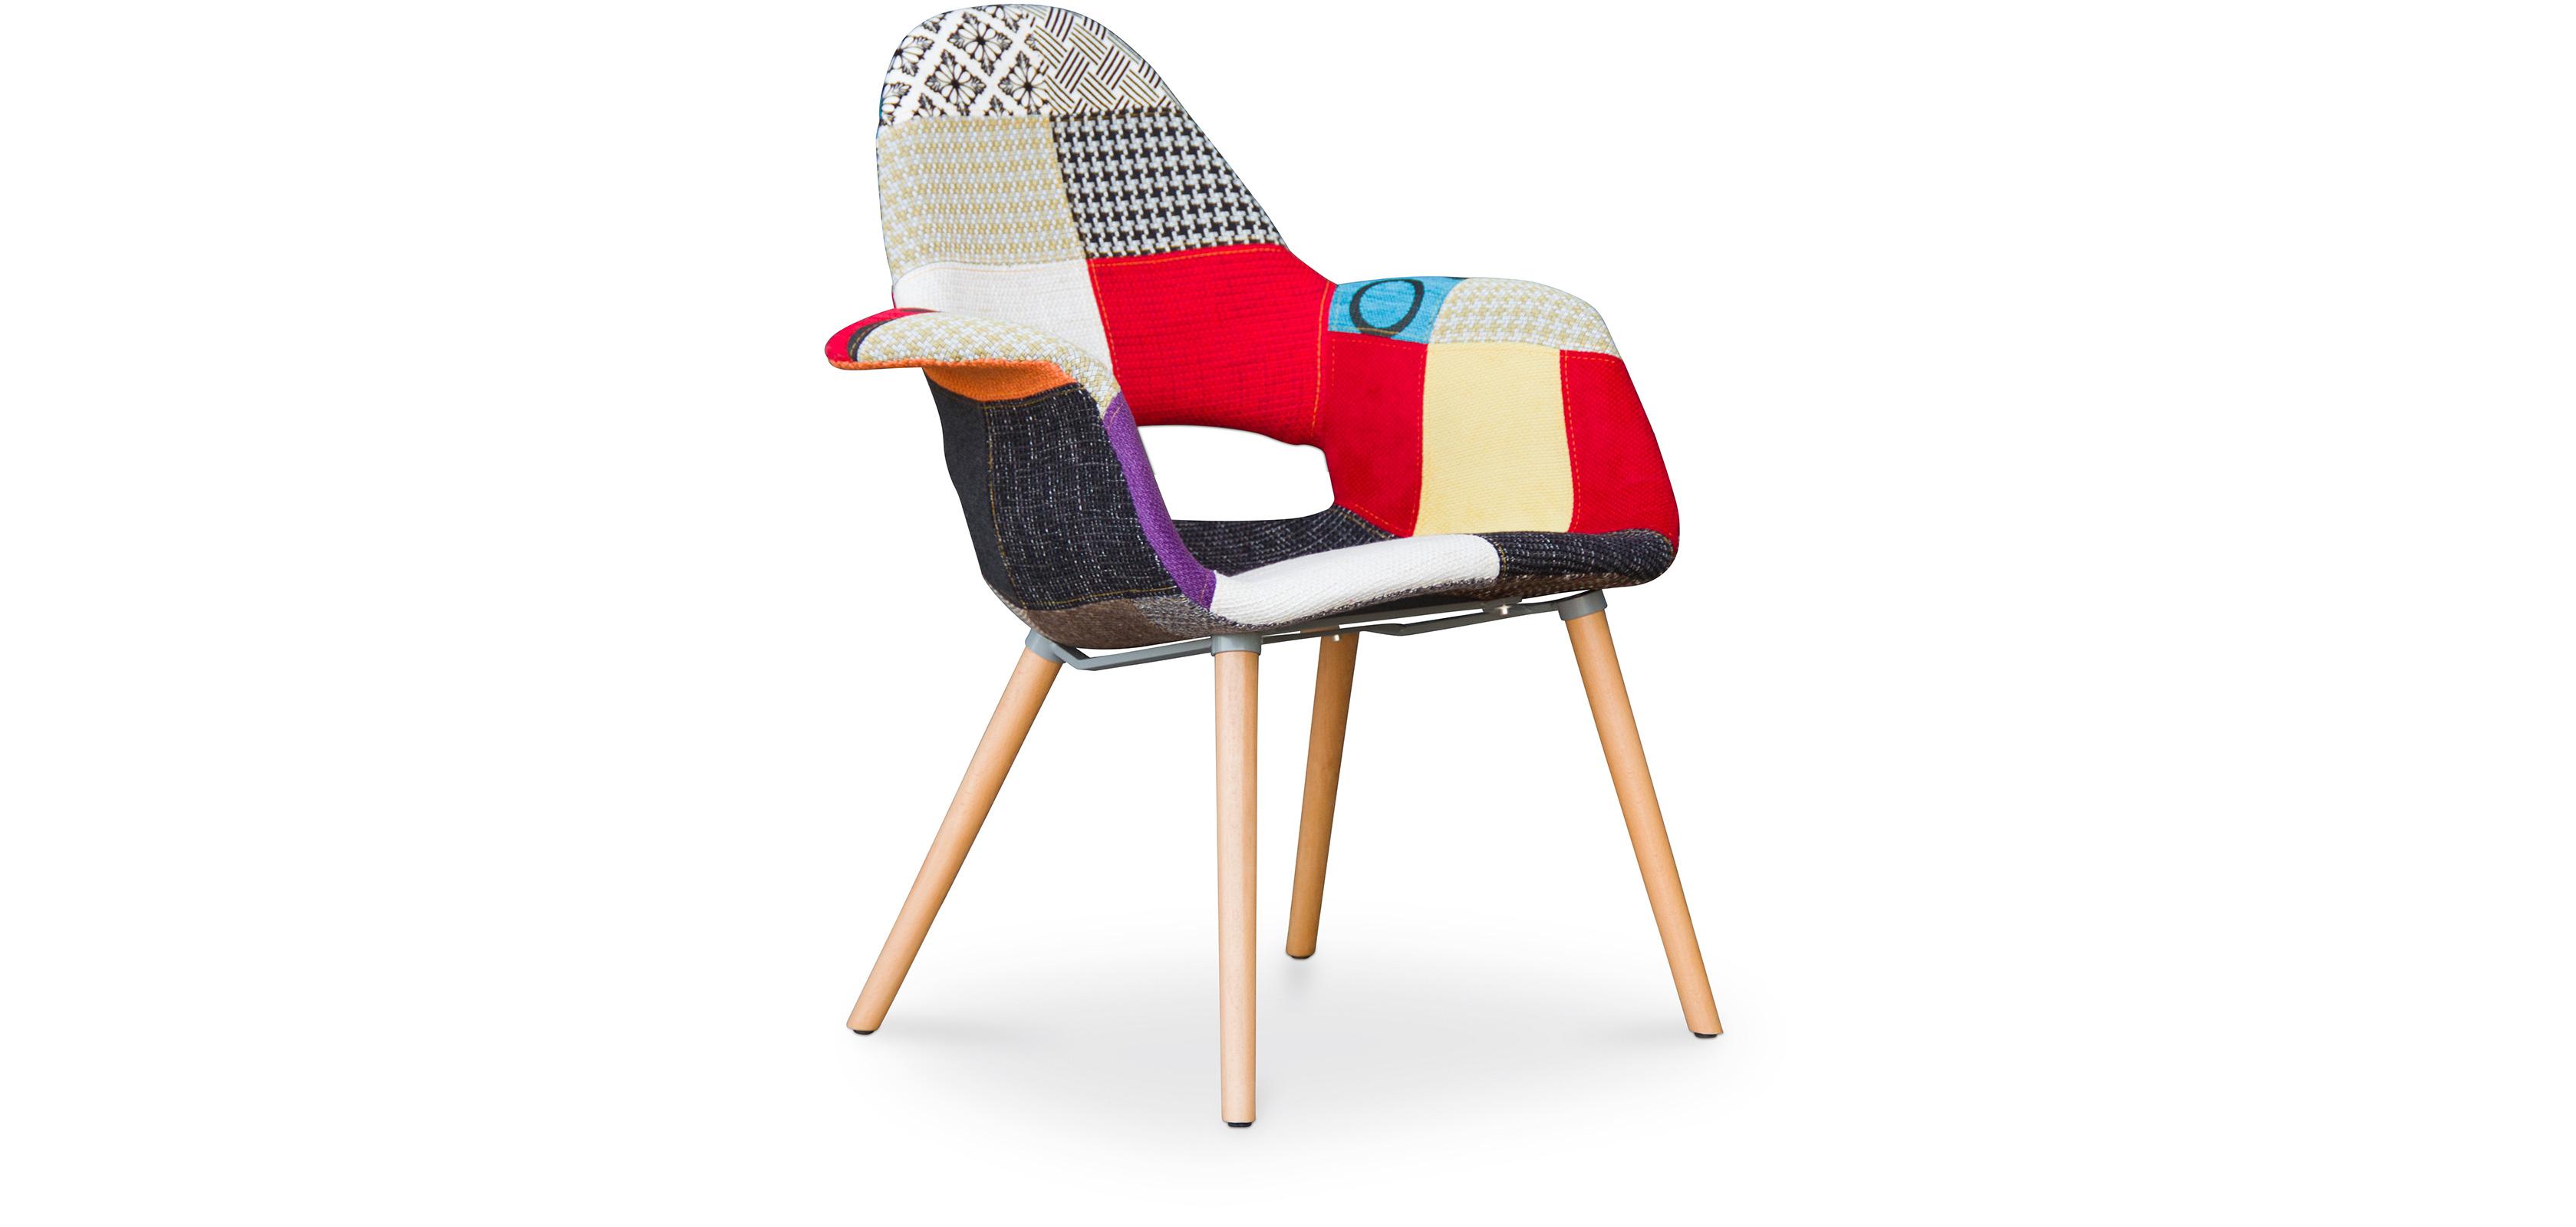 organic skandinavisches design stuhl und eero saarinen. Black Bedroom Furniture Sets. Home Design Ideas